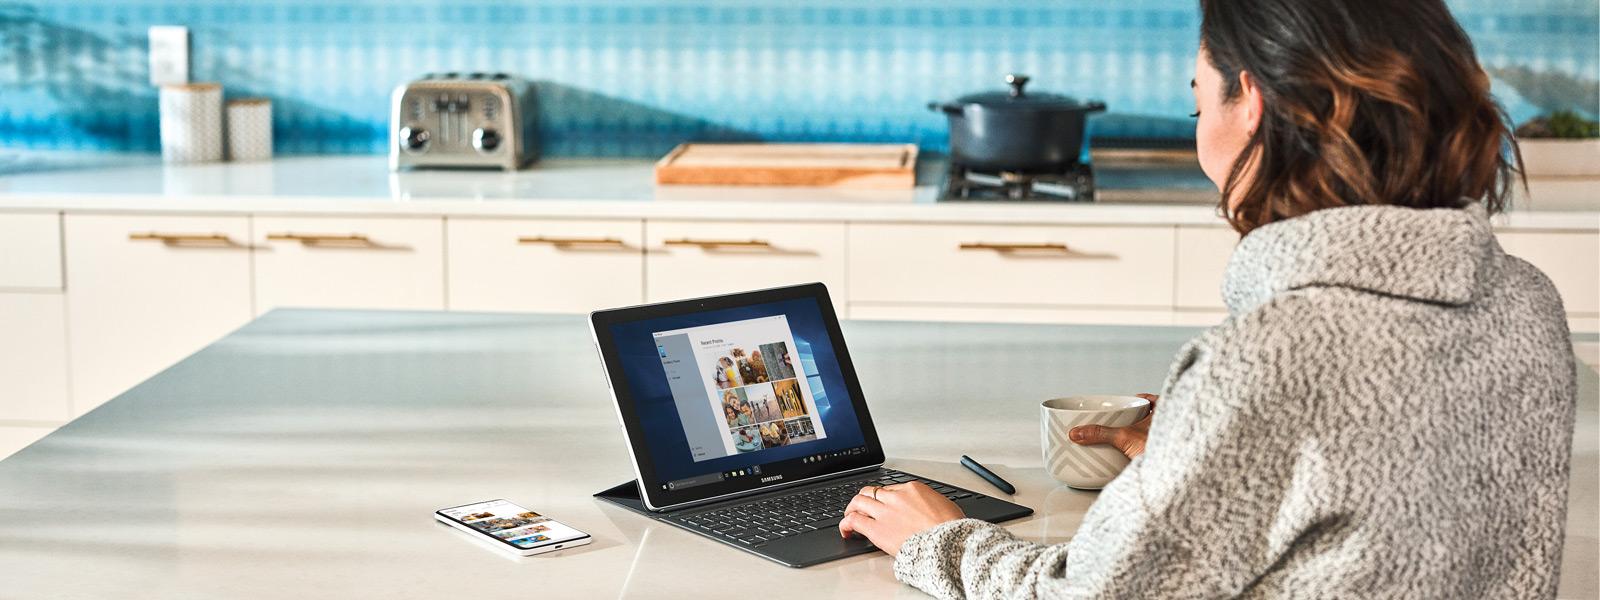 Mulher sentada ao balcão da cozinha usando um laptop com Windows 10 por meio do celular